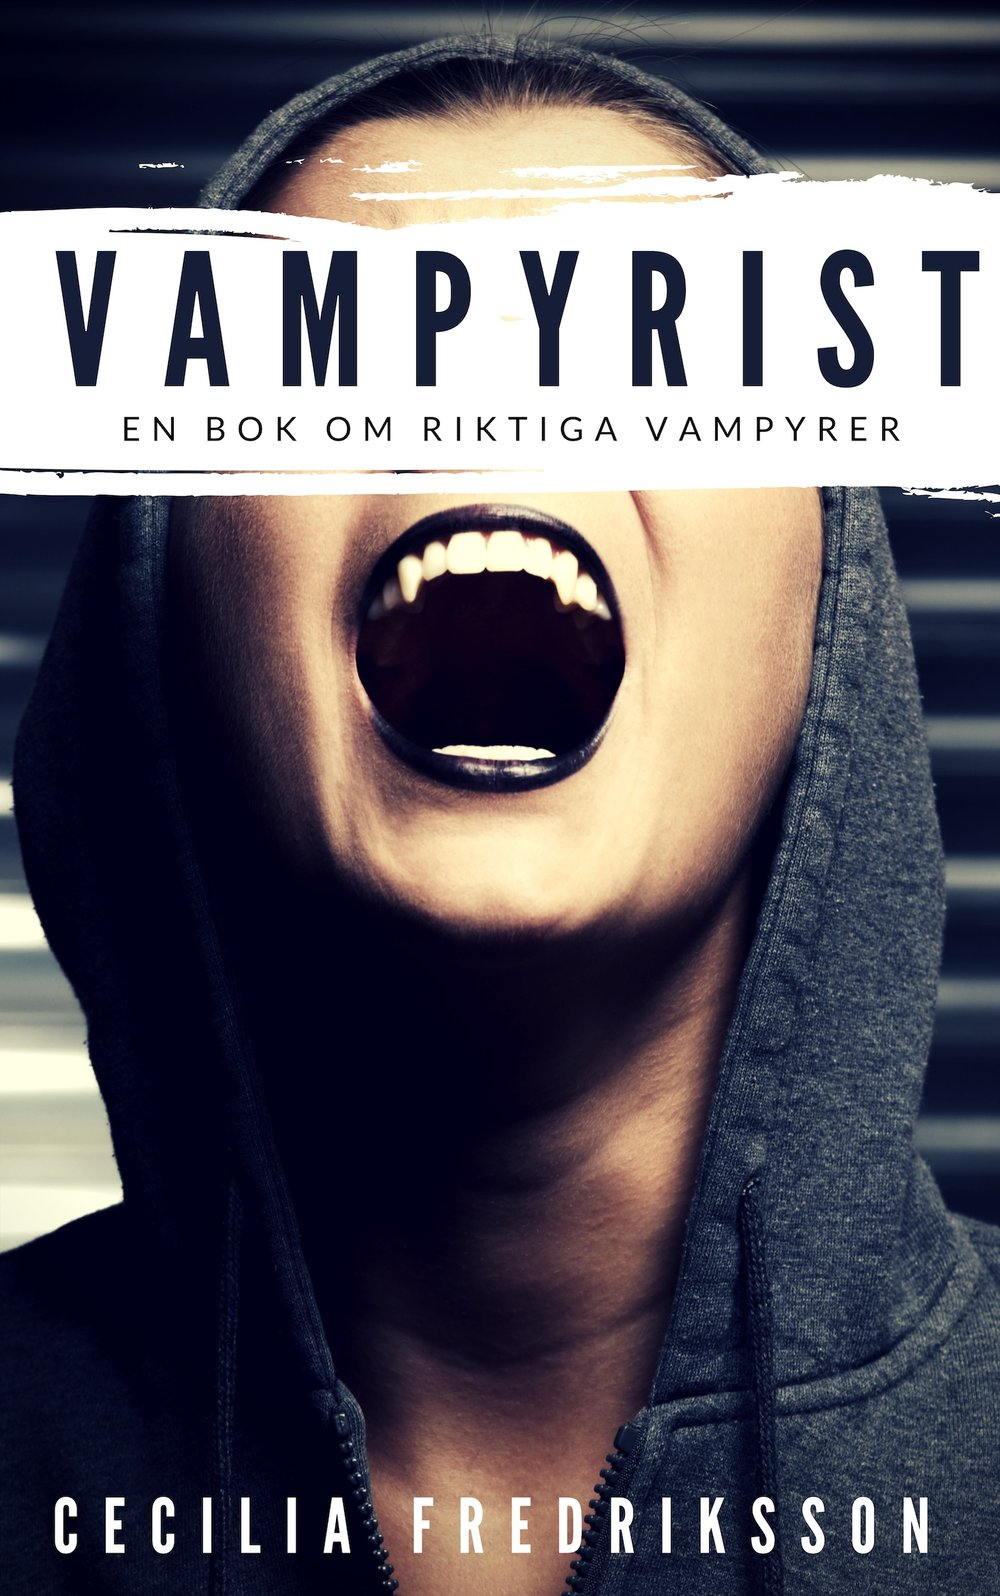 Utgiven som e-bok på mitt förlag Makaber Publishing. Under 2019 kommer Vampyrist ges ut i pocket och som ljudbok av Hoi Förlag!